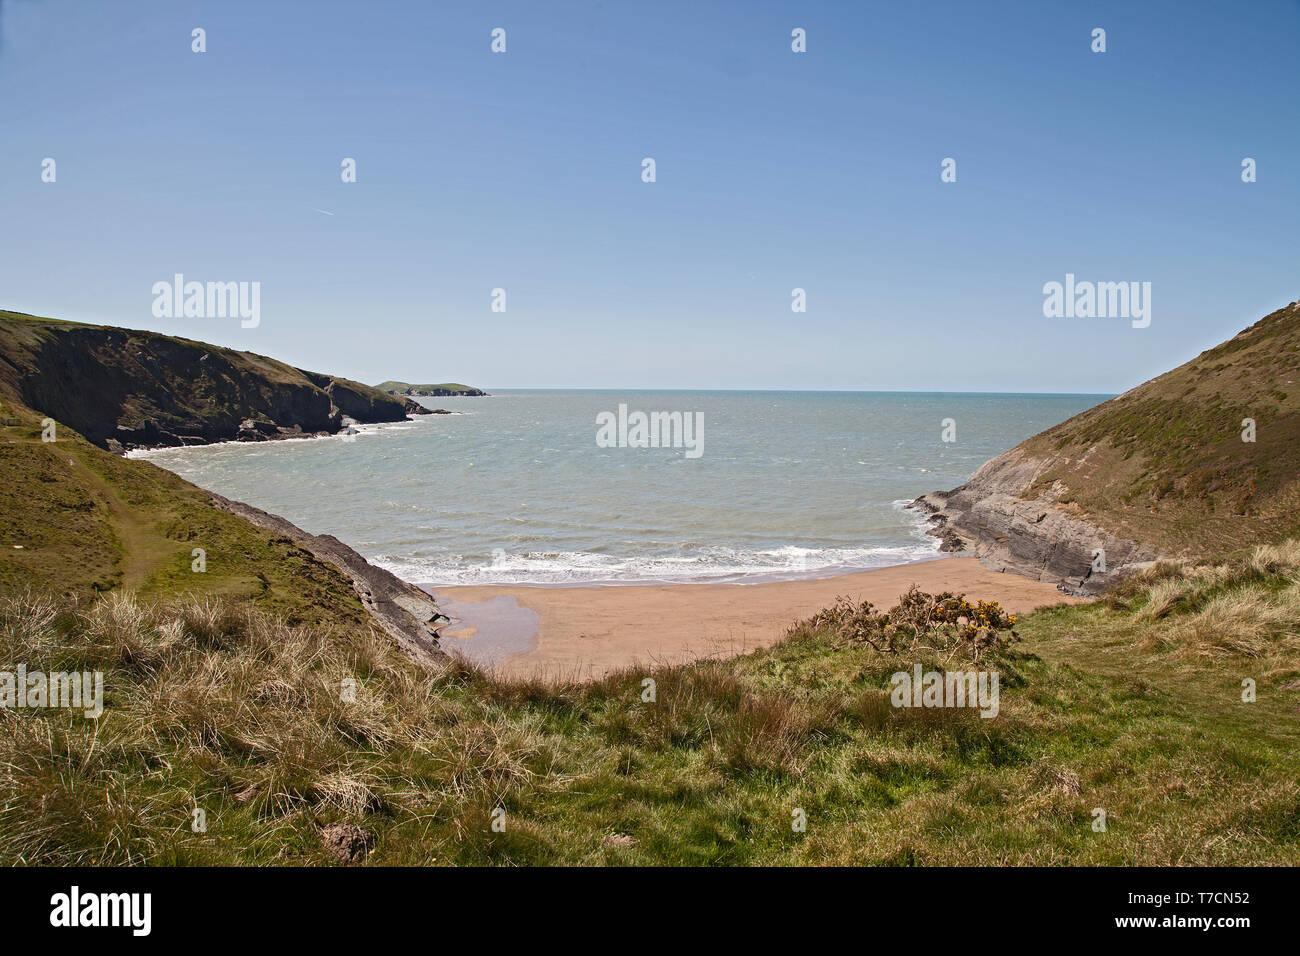 Mwnt, Ceredigion, Wales,UK. - Stock Image